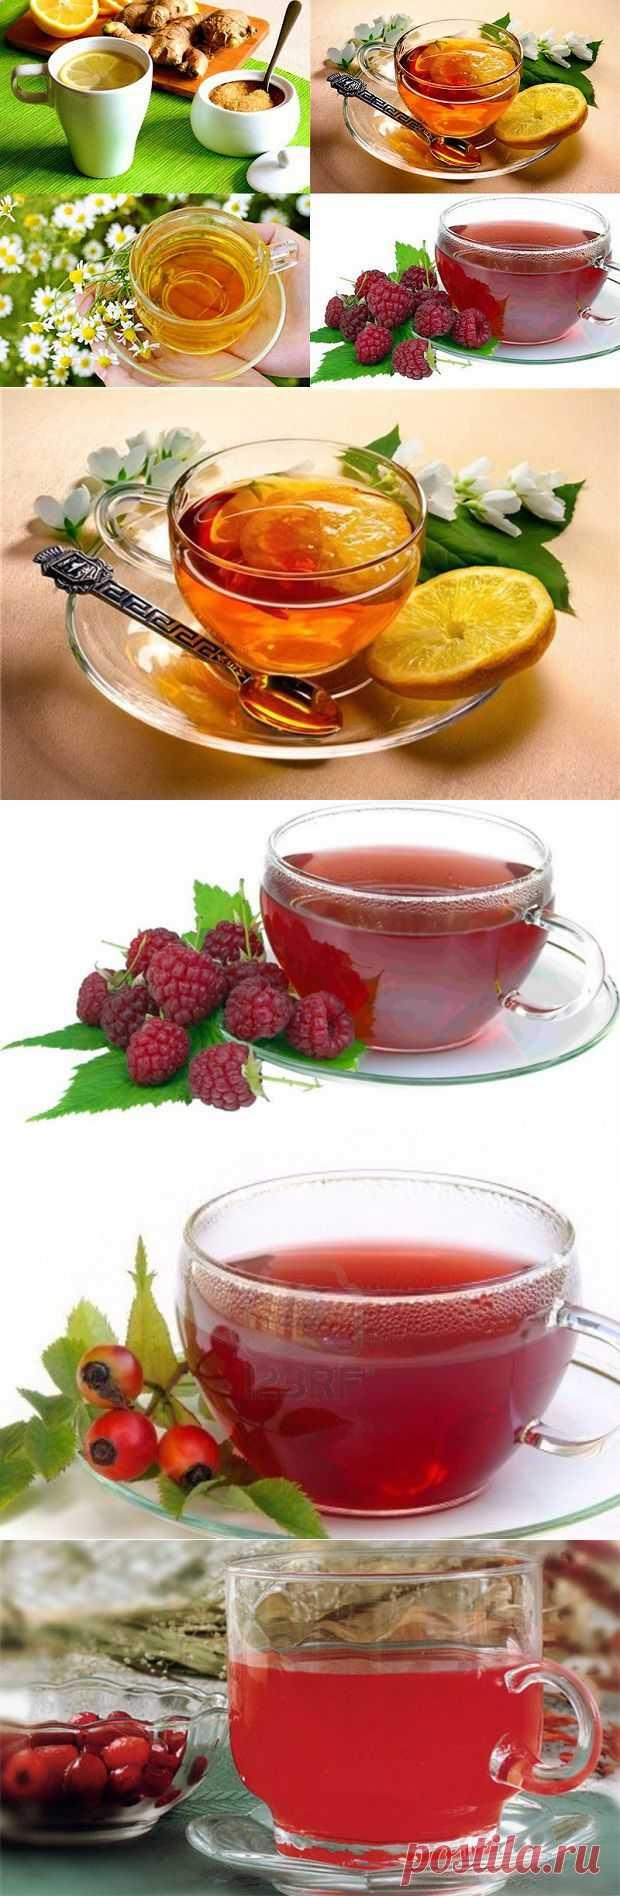 (+1) - Простуда. Лечим простуду чаем   КРАСОТА И ЗДОРОВЬЕ